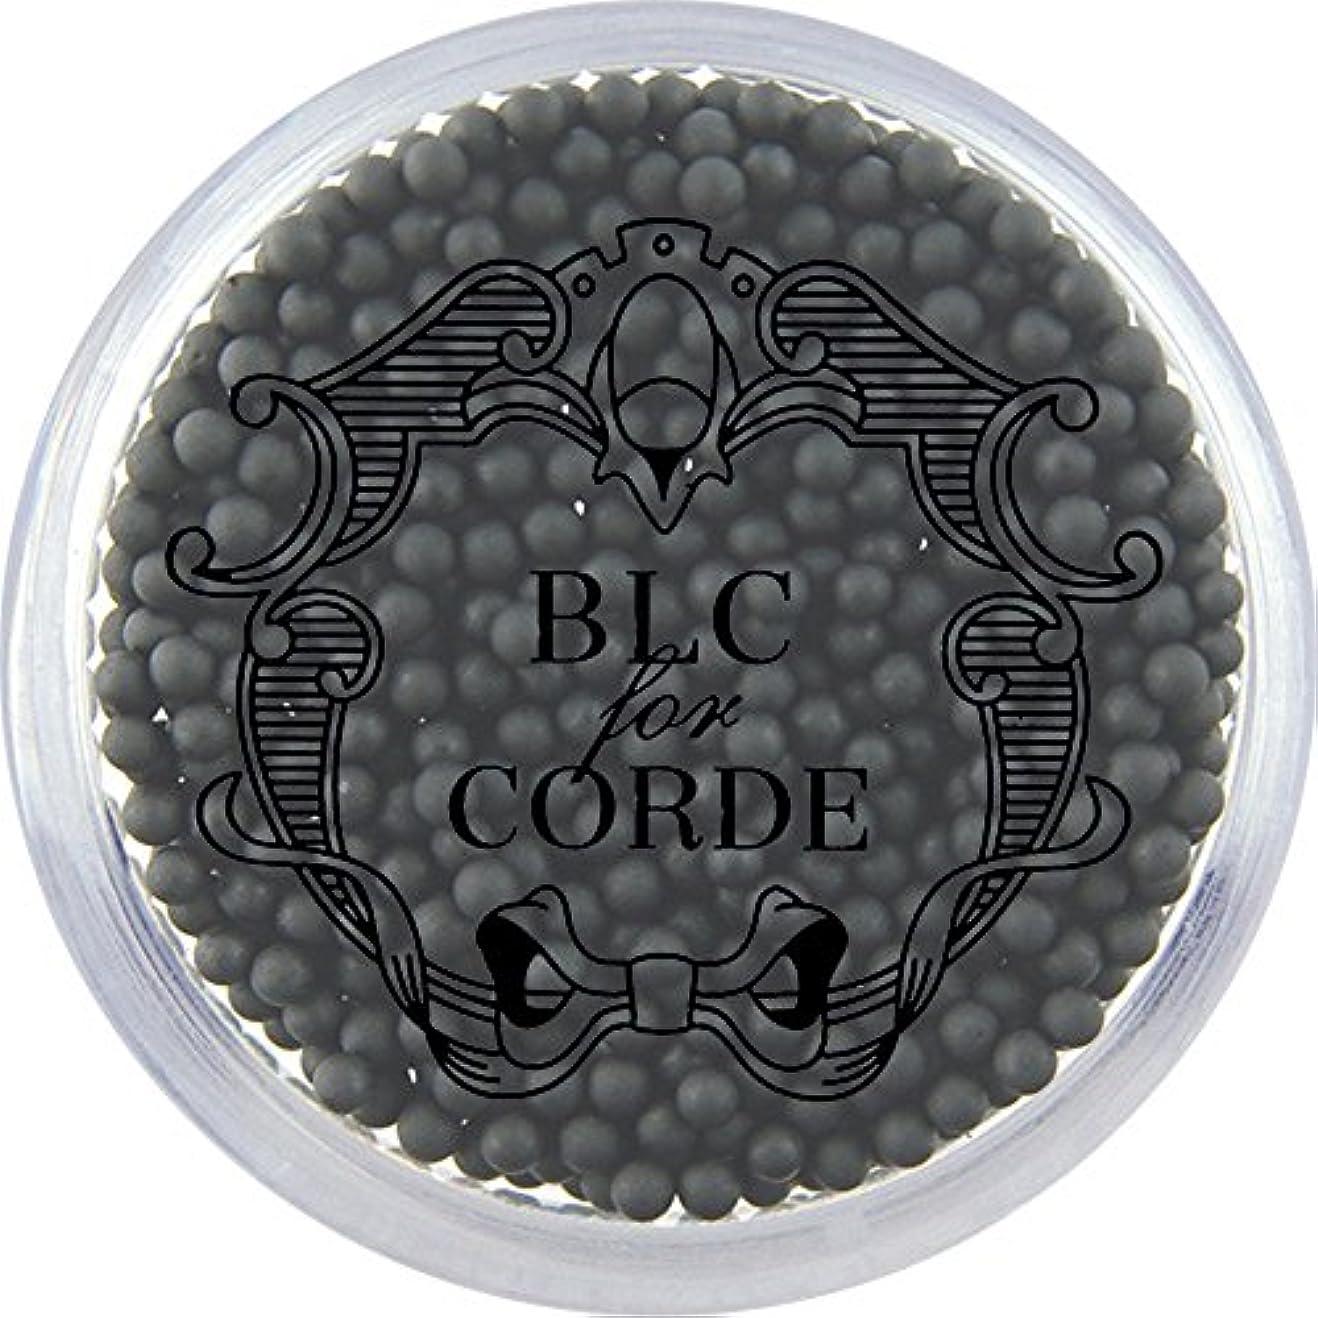 落ち着く明示的に不誠実BLC FOR CORDE ガラスブリオン ブラック